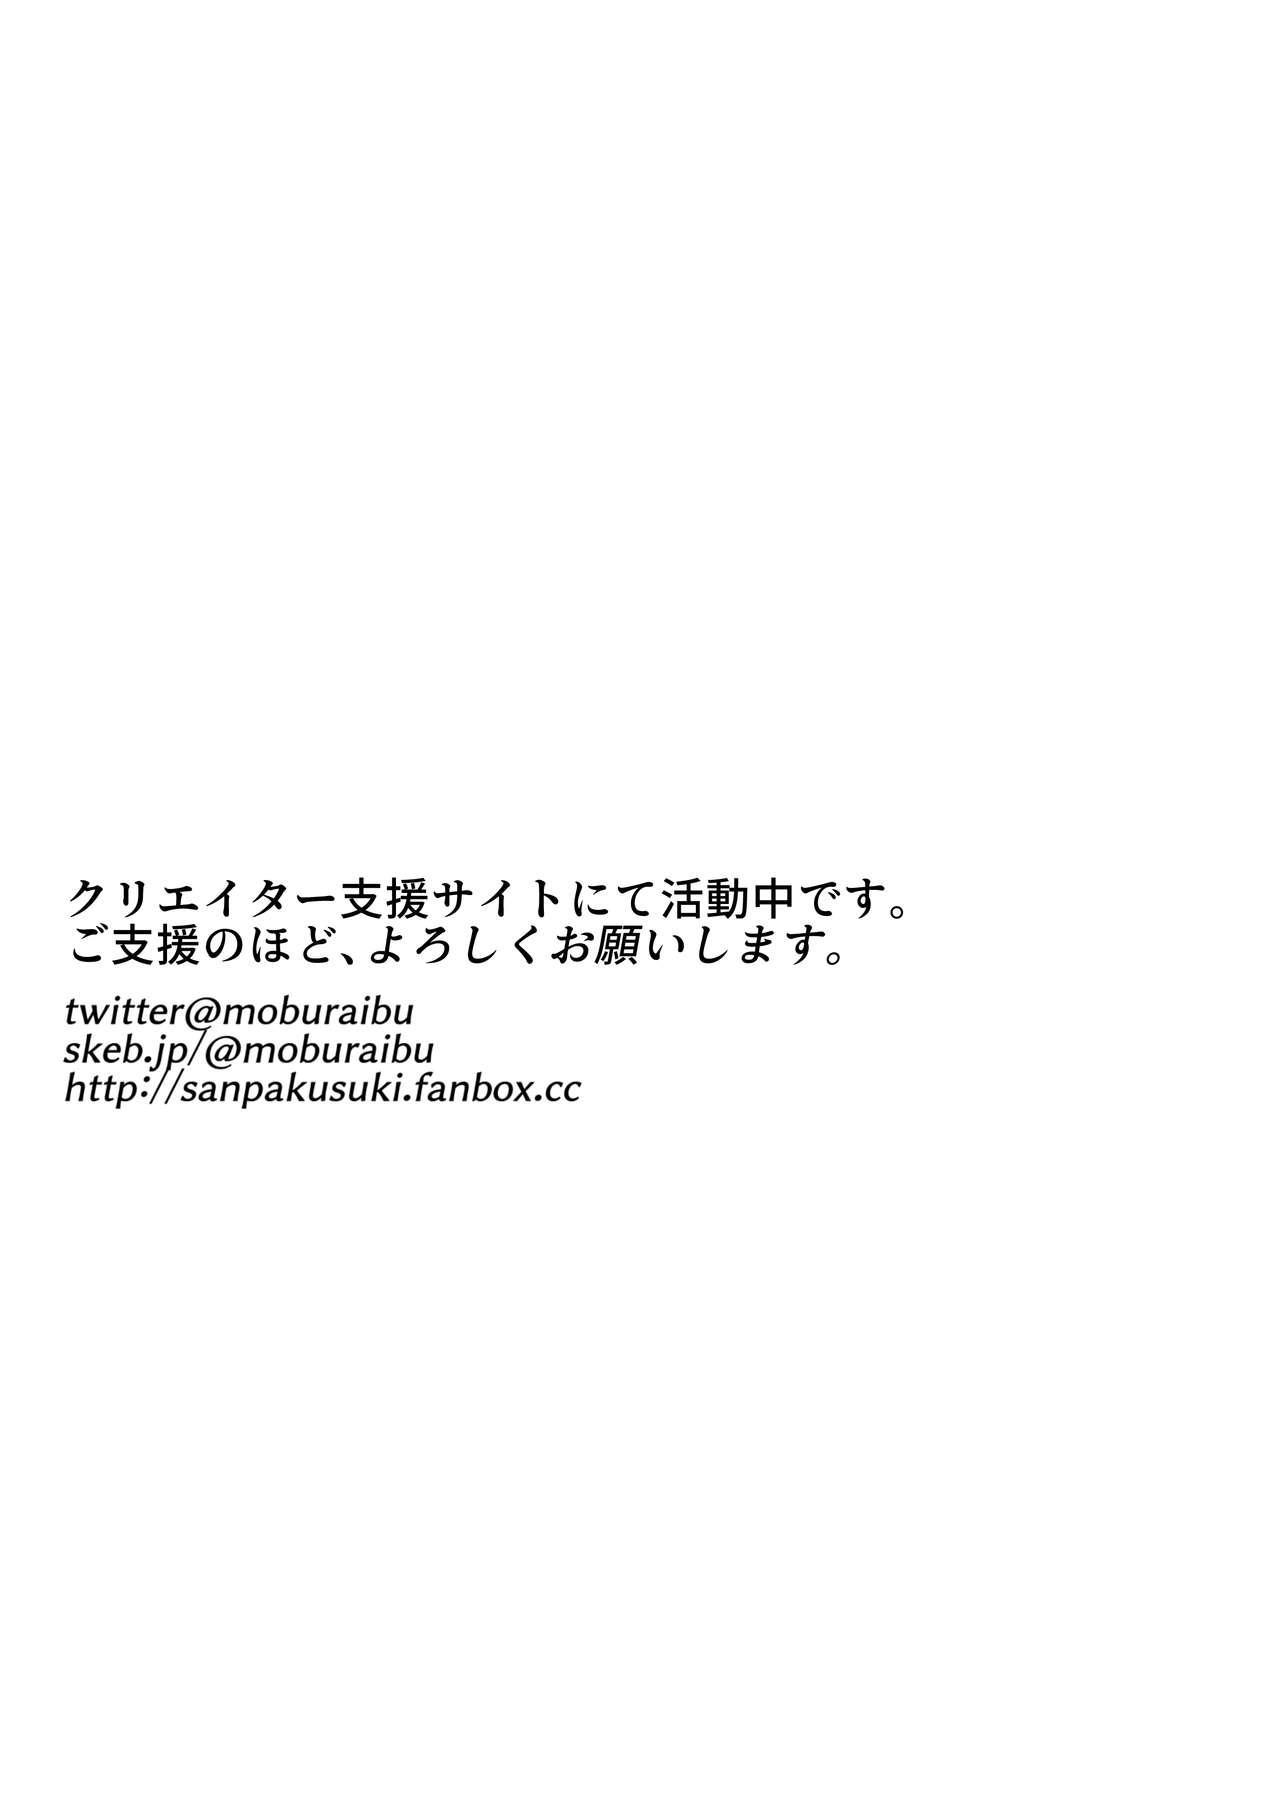 Meikyuu de Kakutou Musume no Shitai o Hirotte Jiangshi ni Shitemita Hanashi 2 44